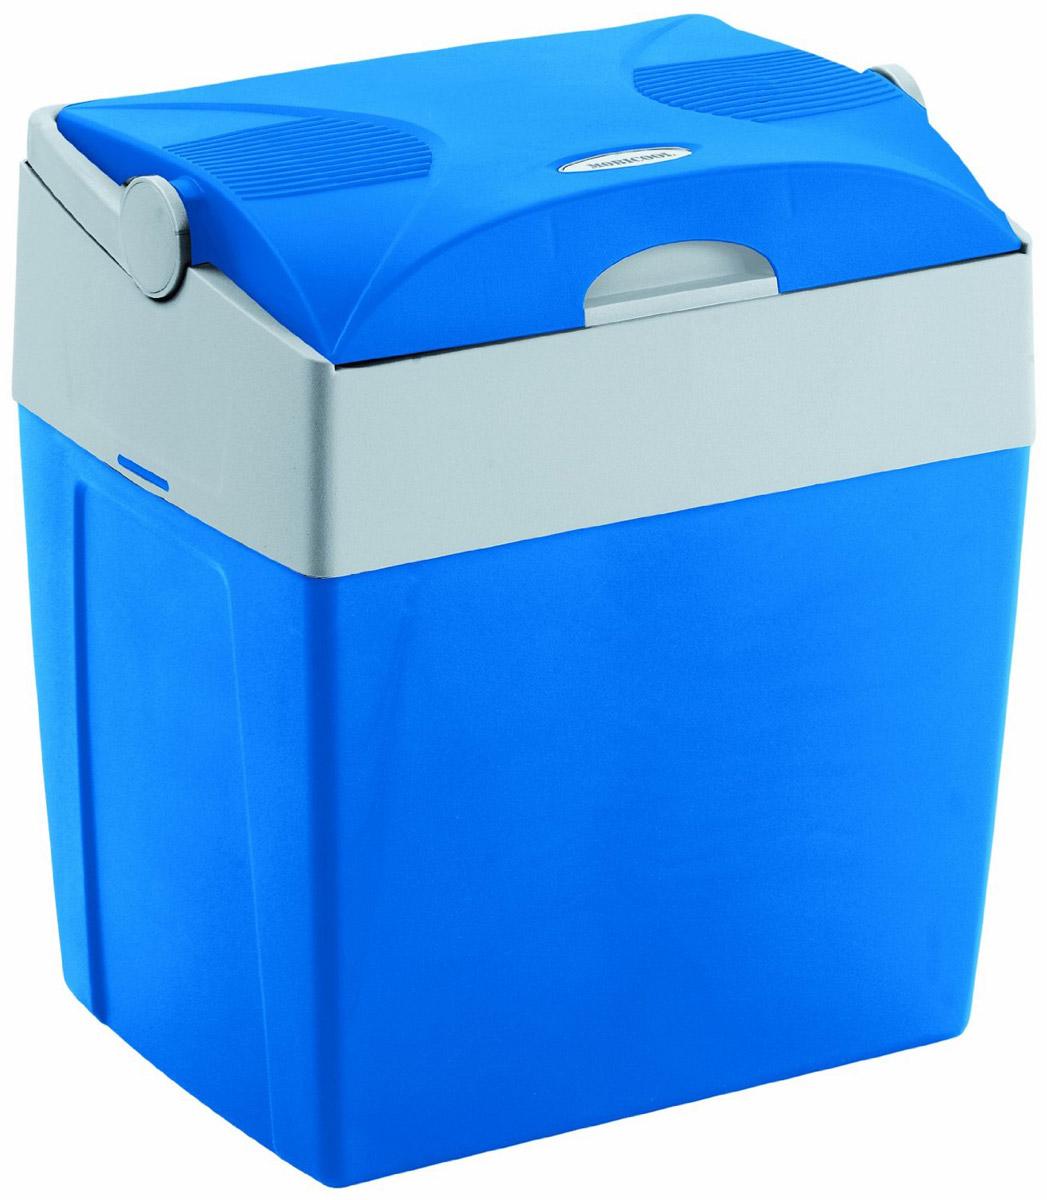 MOBICOOL U30DC автохолодильникU30DC_голубойMOBICOOL U30DC - вместительный и надежный автохолодильник для хранения продуктов и напитков в процессе поездок или путешествий. Модель работает от сети 12В и способна понижать температуру до 17 °C ниже температуры окружающей среды. Прибор имеет первоклассную термоизоляцию и съемную крышку для удобного использования. Автохолодильник также с легкостью вместит бутылки объемом 2 литра в вертикальном положении.